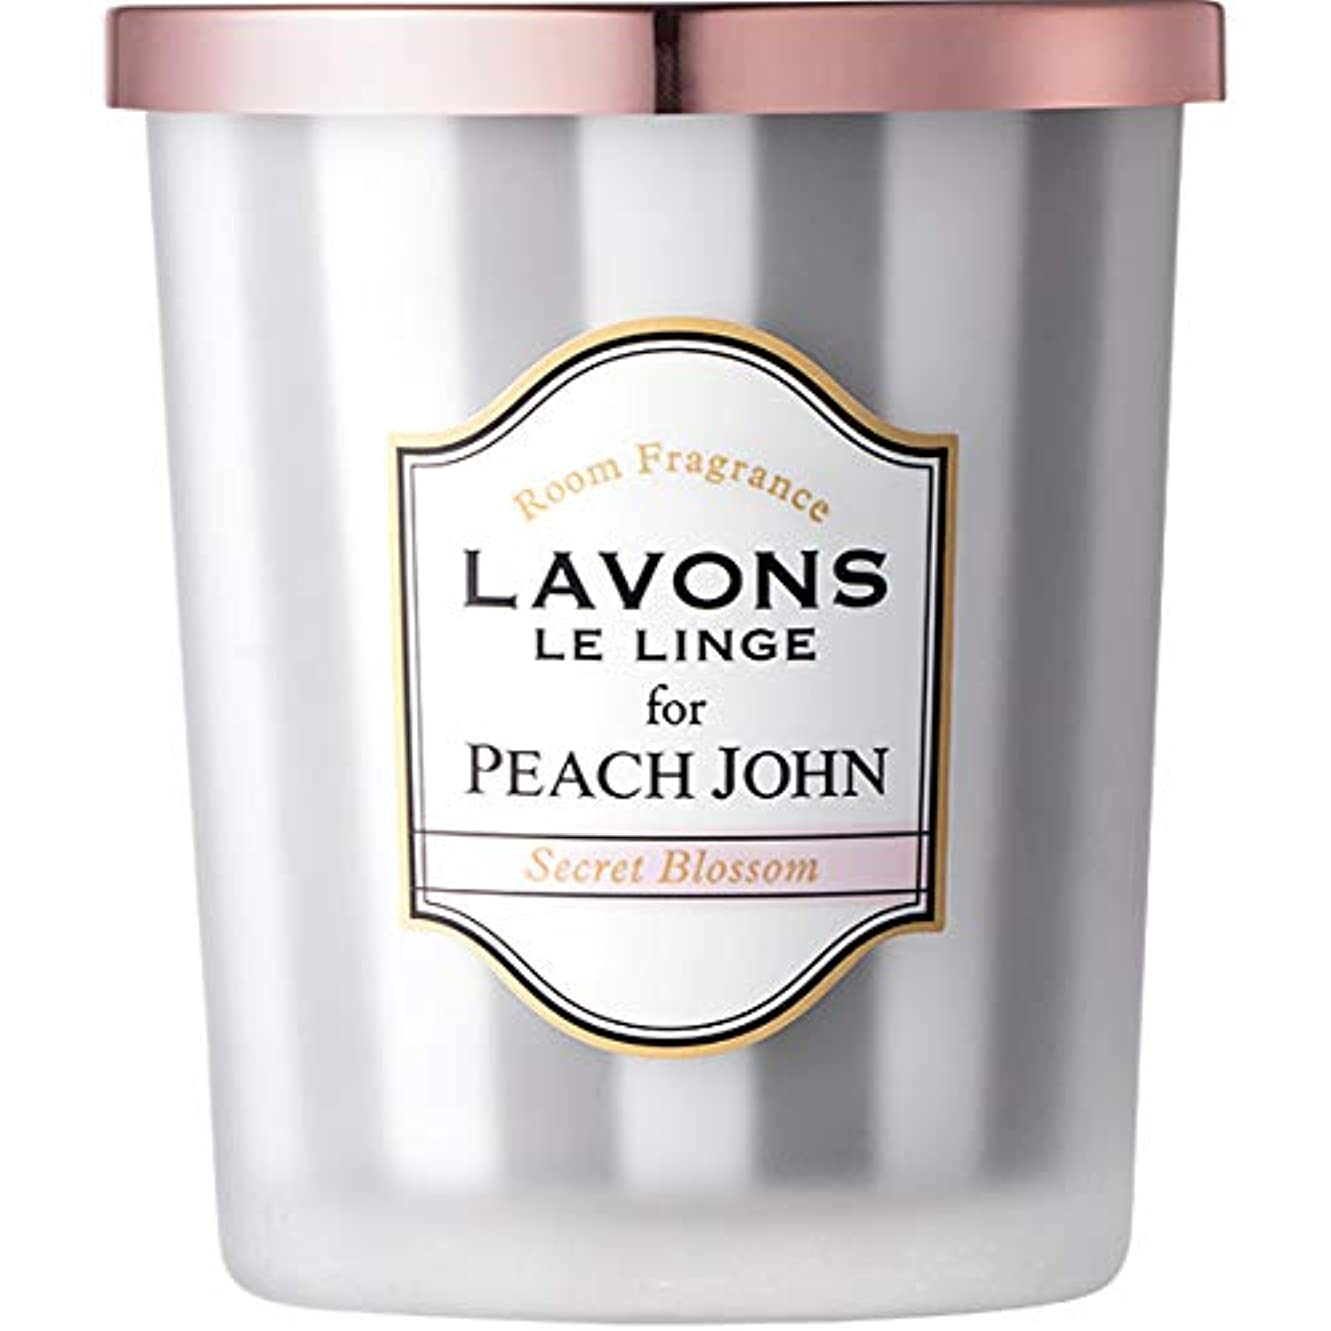 メドレーレキシコン民間人ラボン for PEACH JOHN 部屋用フレグランス シークレットブロッサムの香り 150g